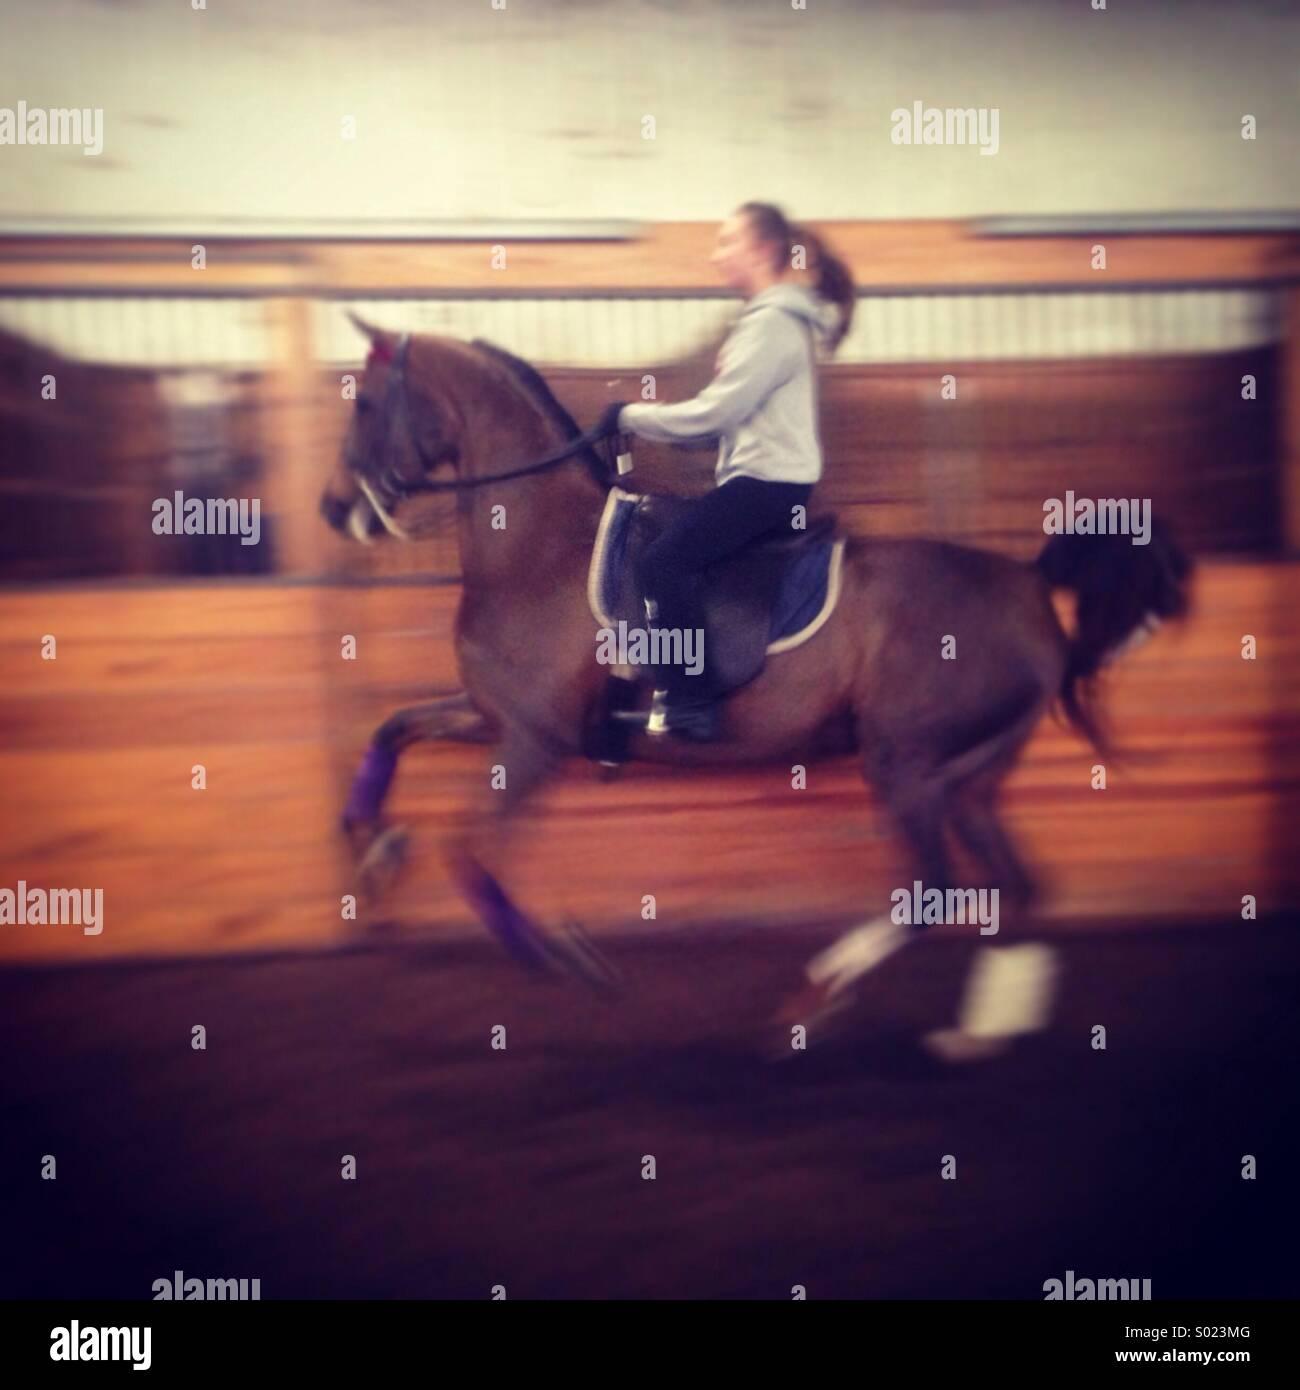 Girl riding horse Photo Stock